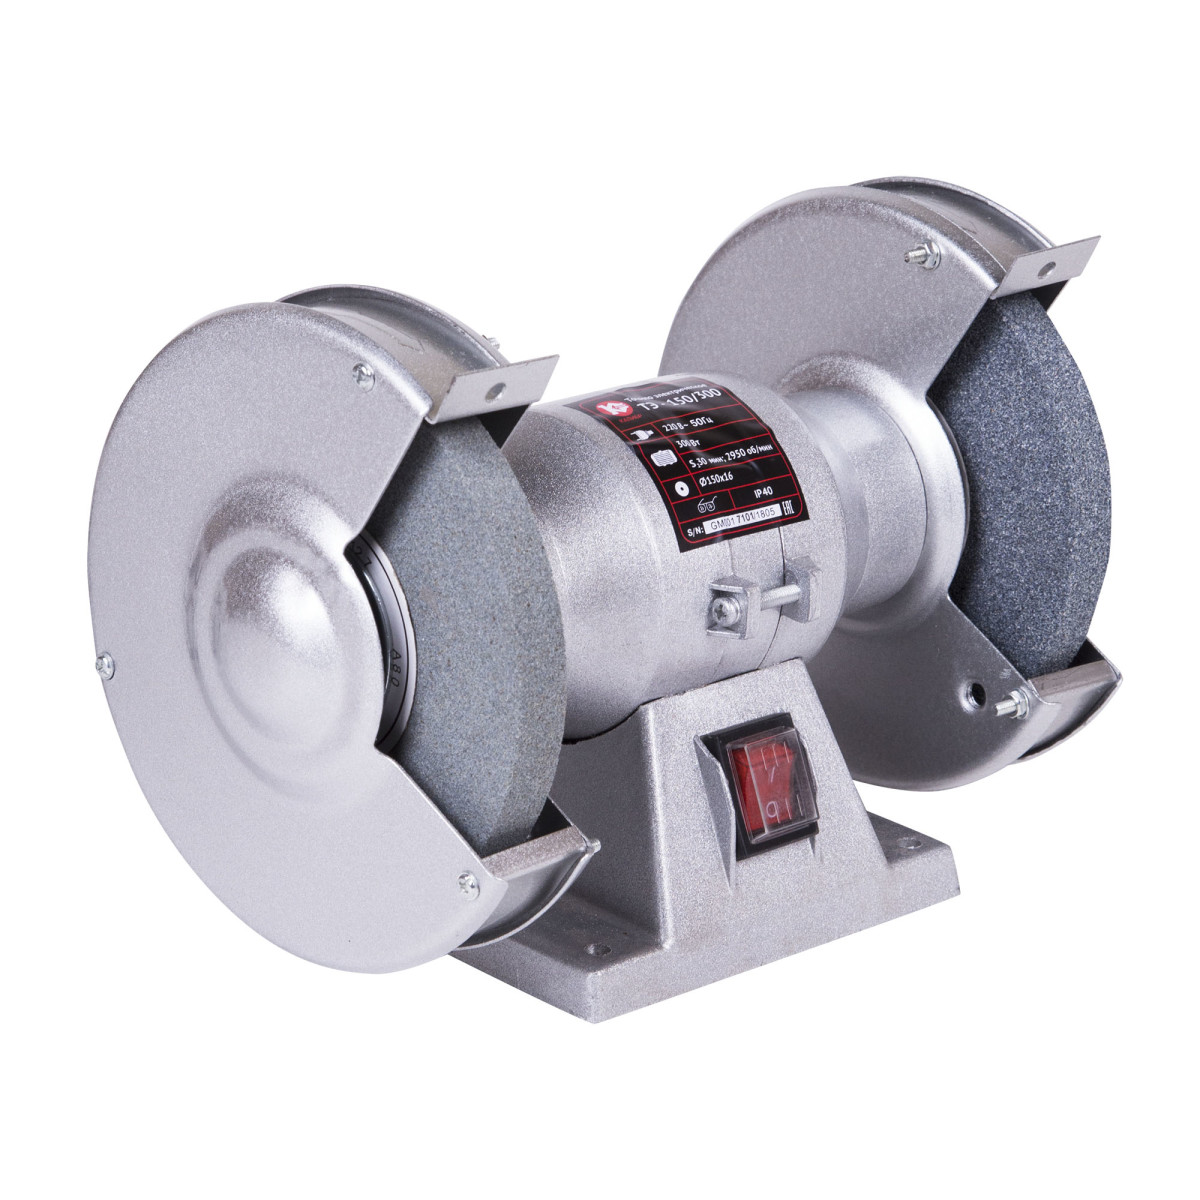 Точило электрическое Калибр ТЭ-150/300 2950 об/мин